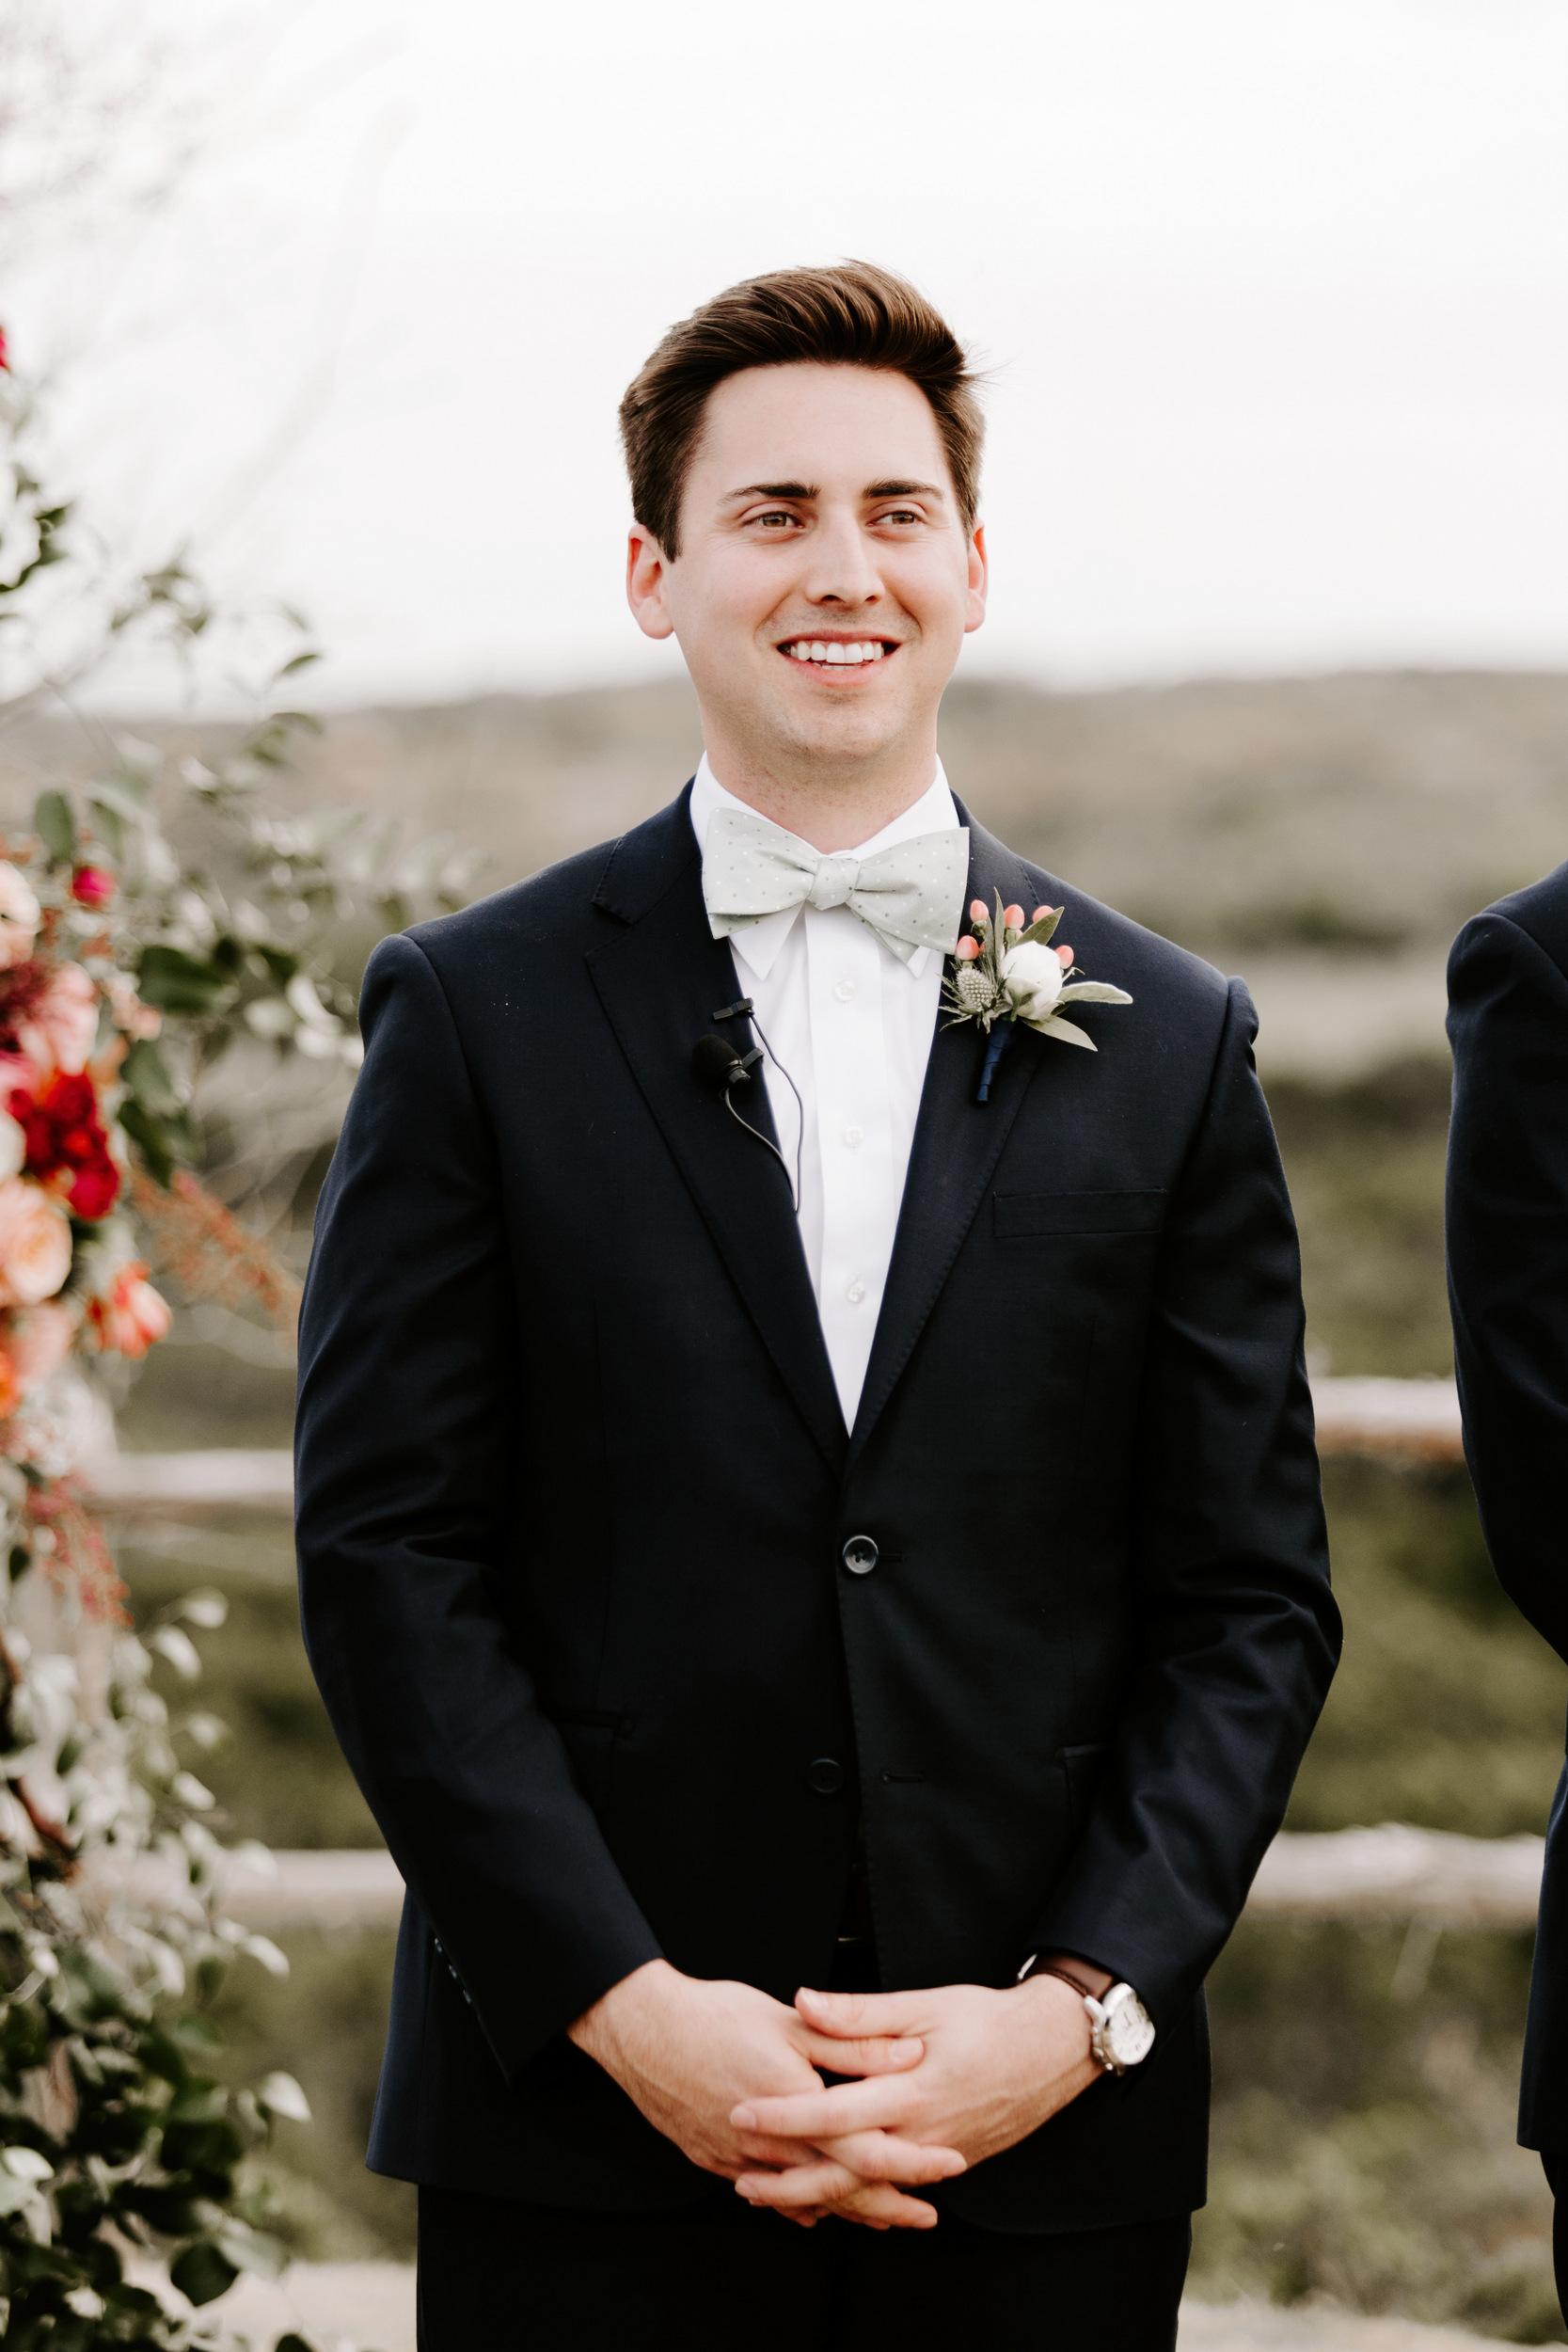 1-MADDY + PATRICK WEDDING_HALEY RYNN RINGO_rent my dust_c (57).jpg